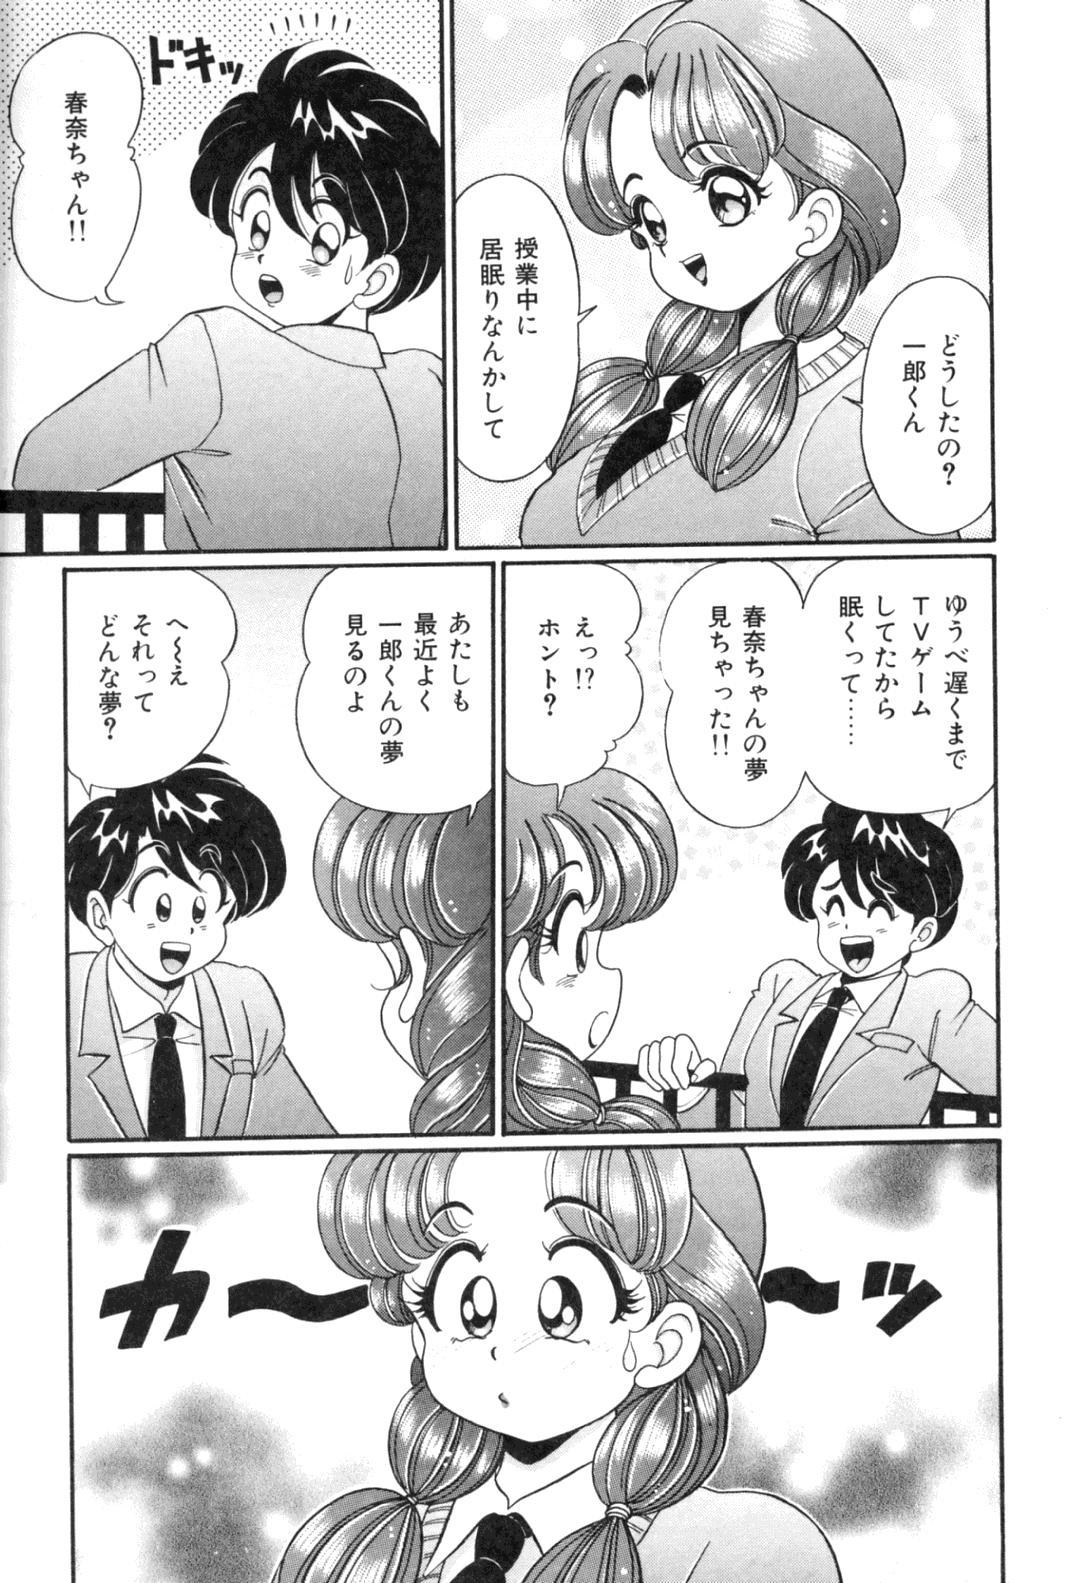 [Watanabe Wataru] Tonari no Onee-san - Sister of Neighborhood 137